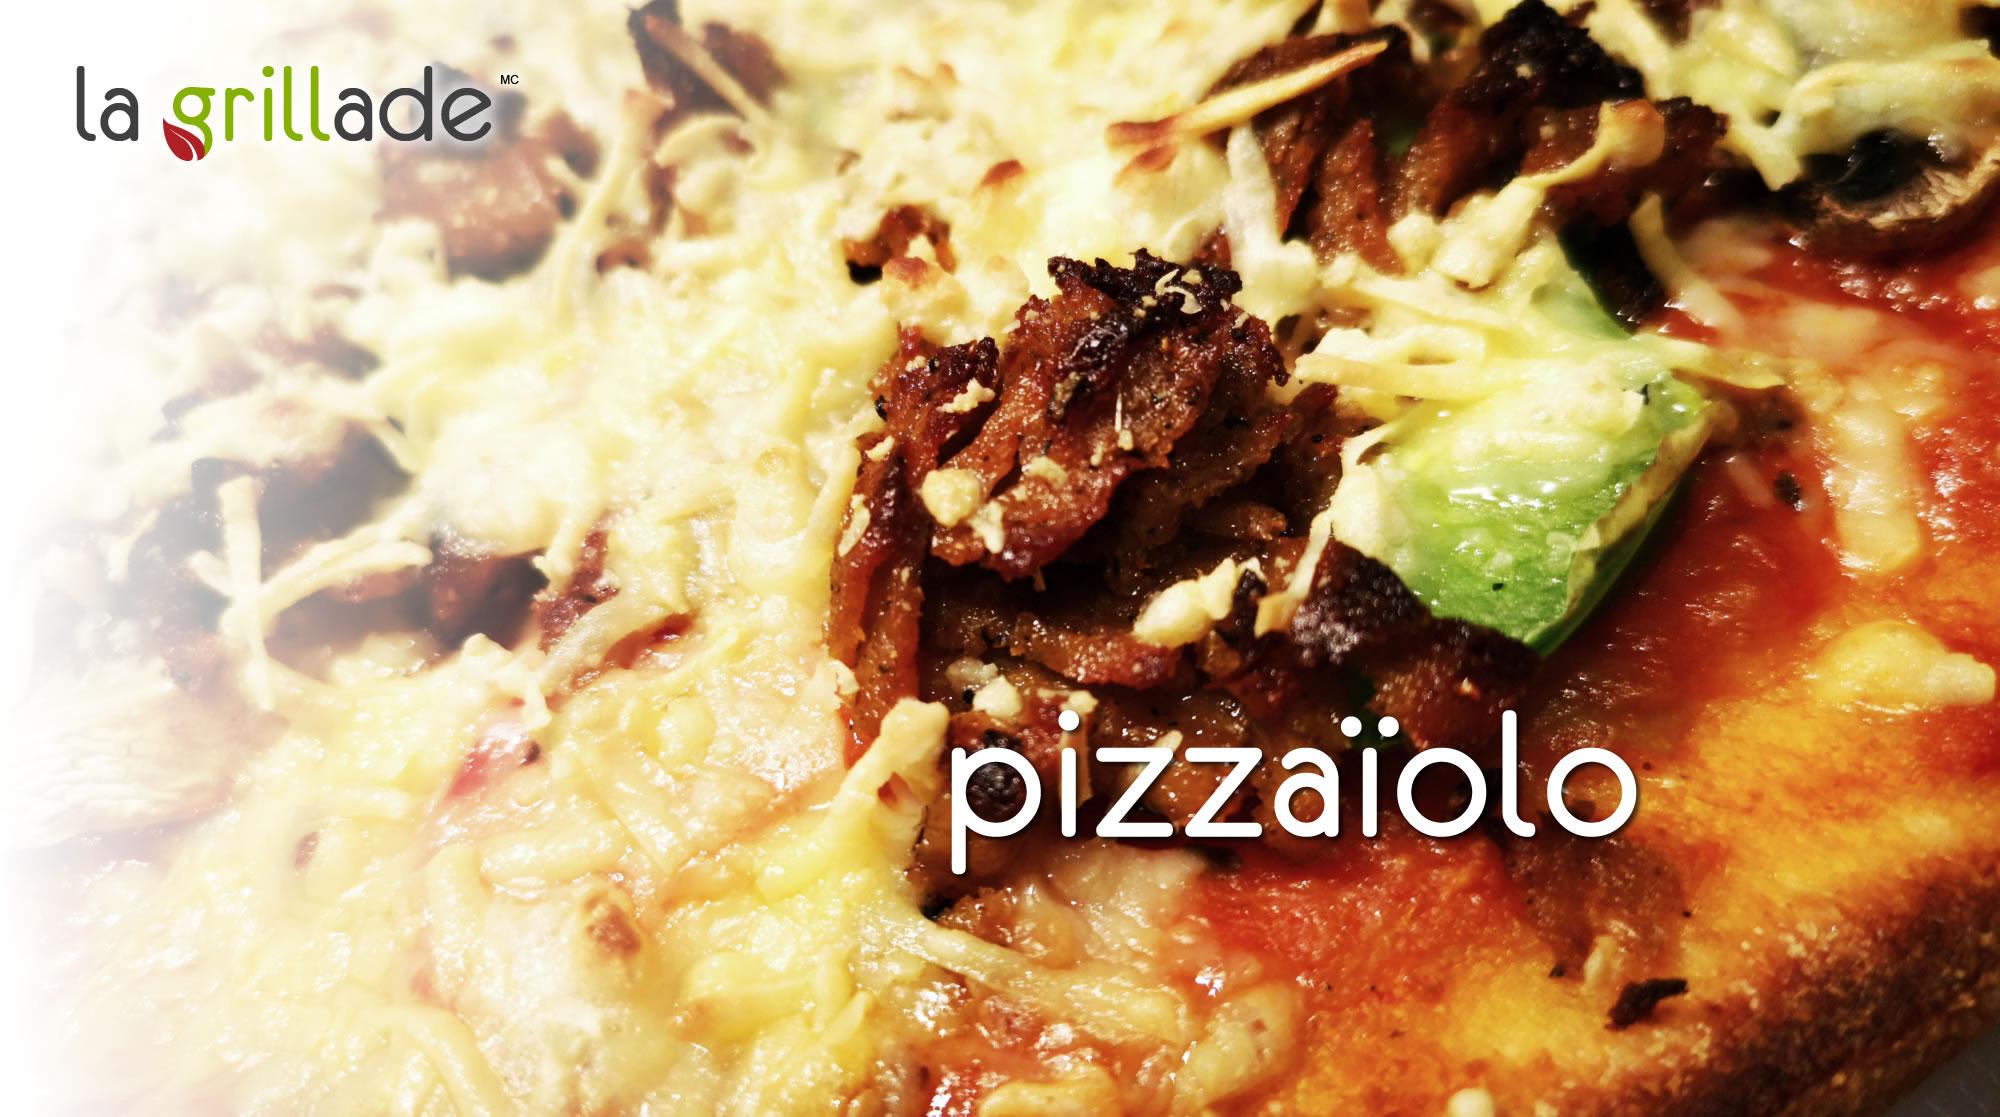 pizzaiolo - Les produits